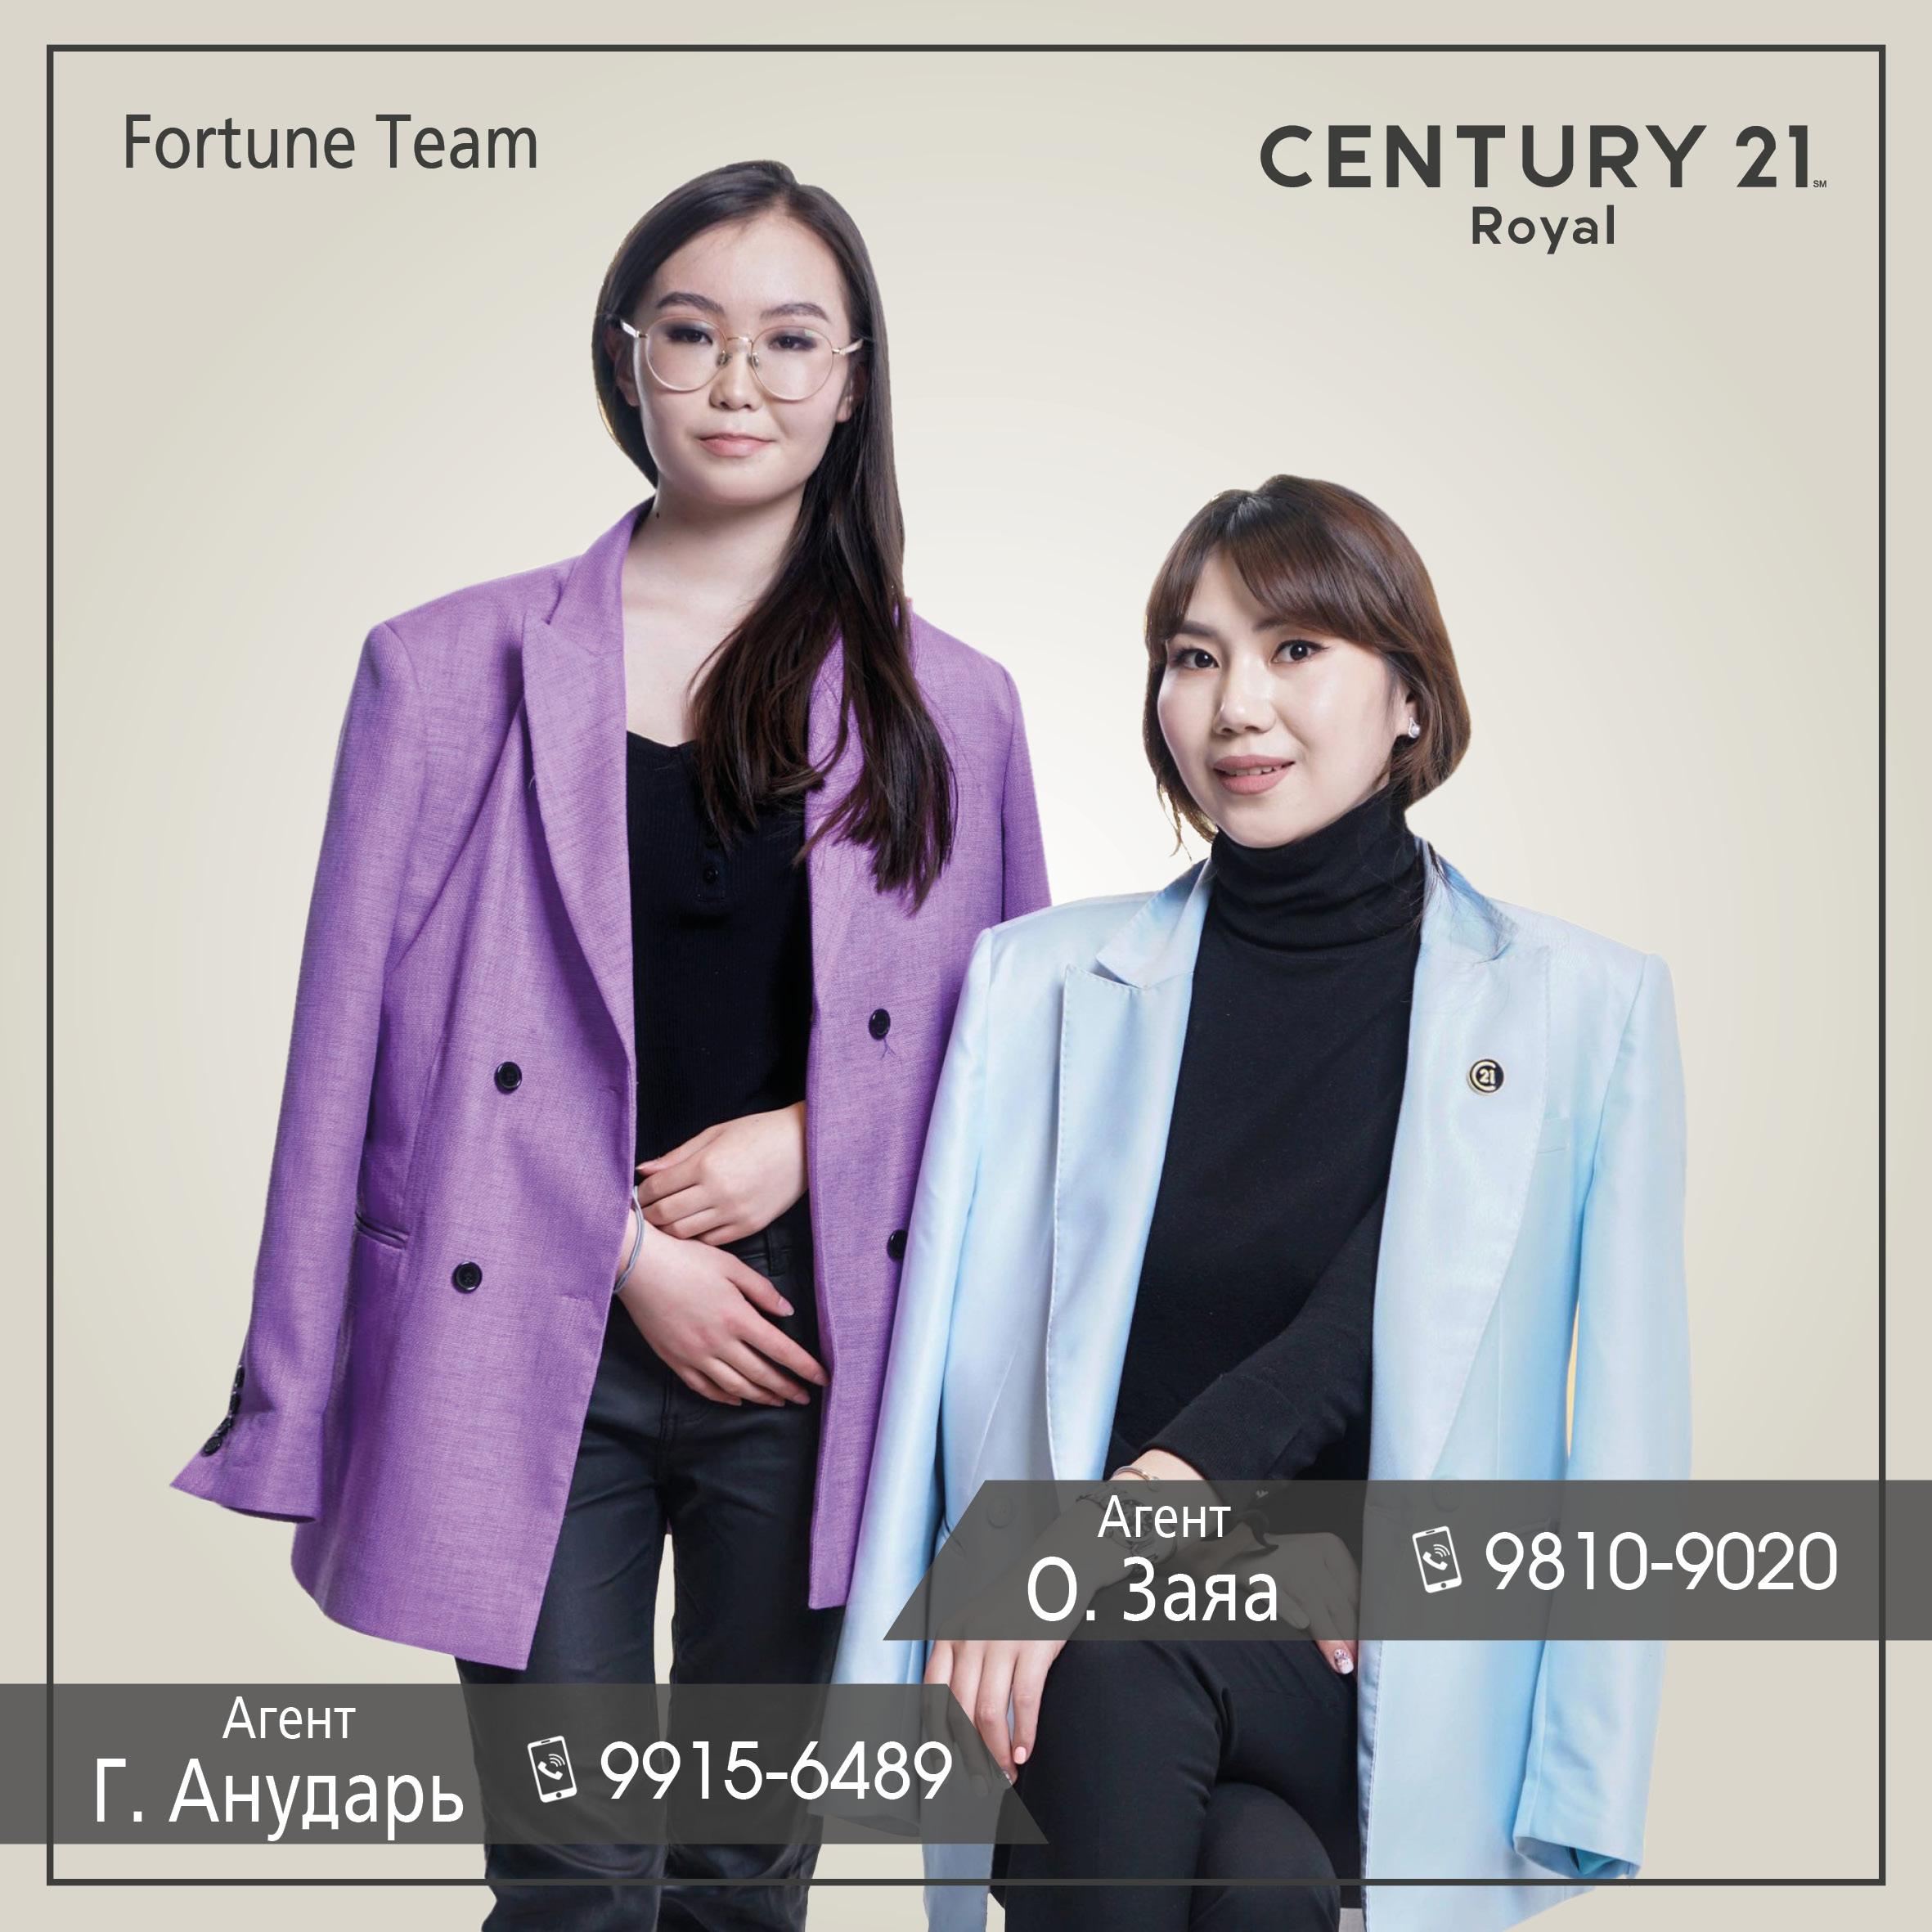 Fortune Team